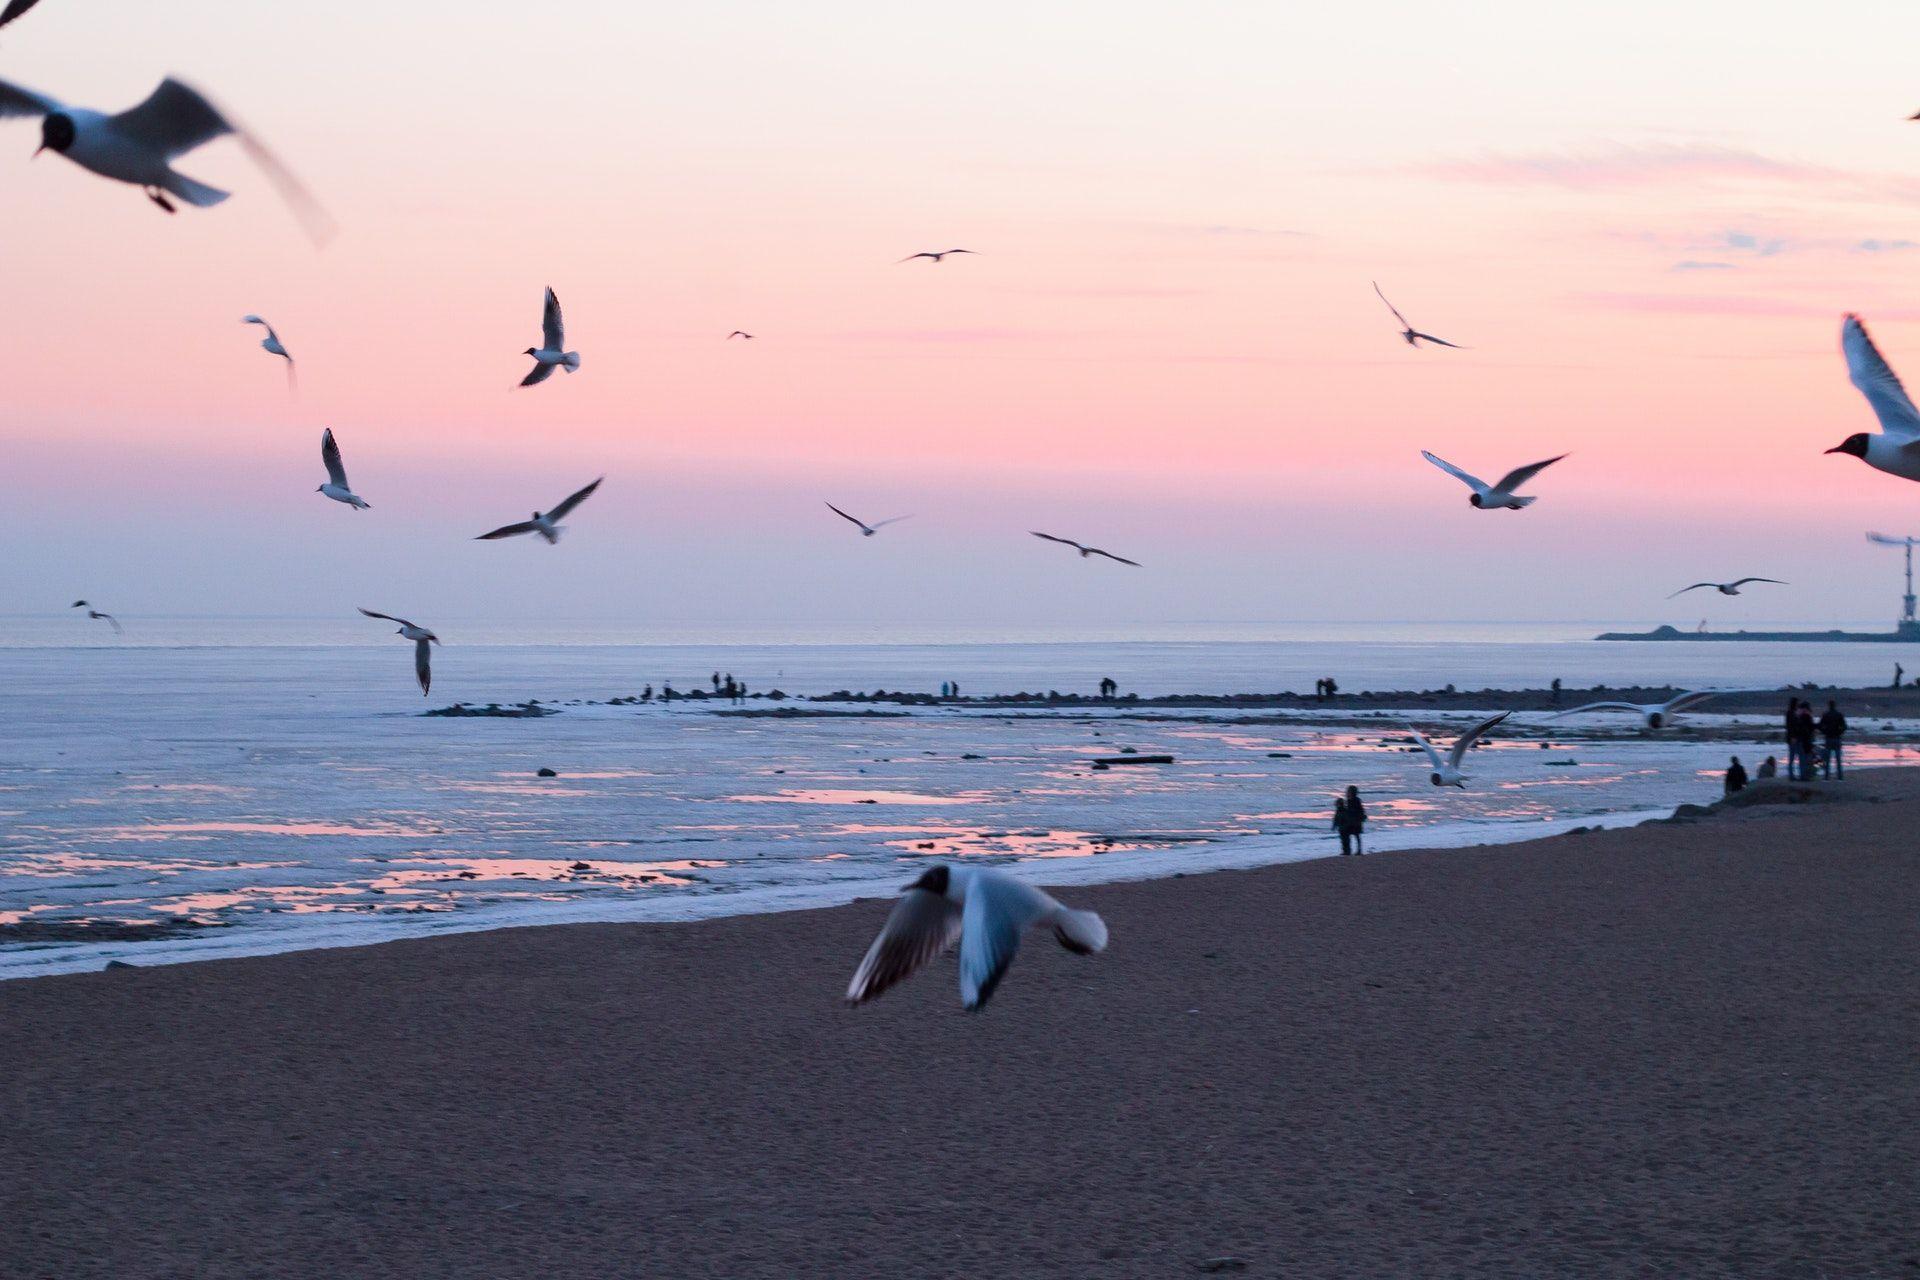 عکس زمینه عکس از پرواز پرندگان در ساحل پس زمینه